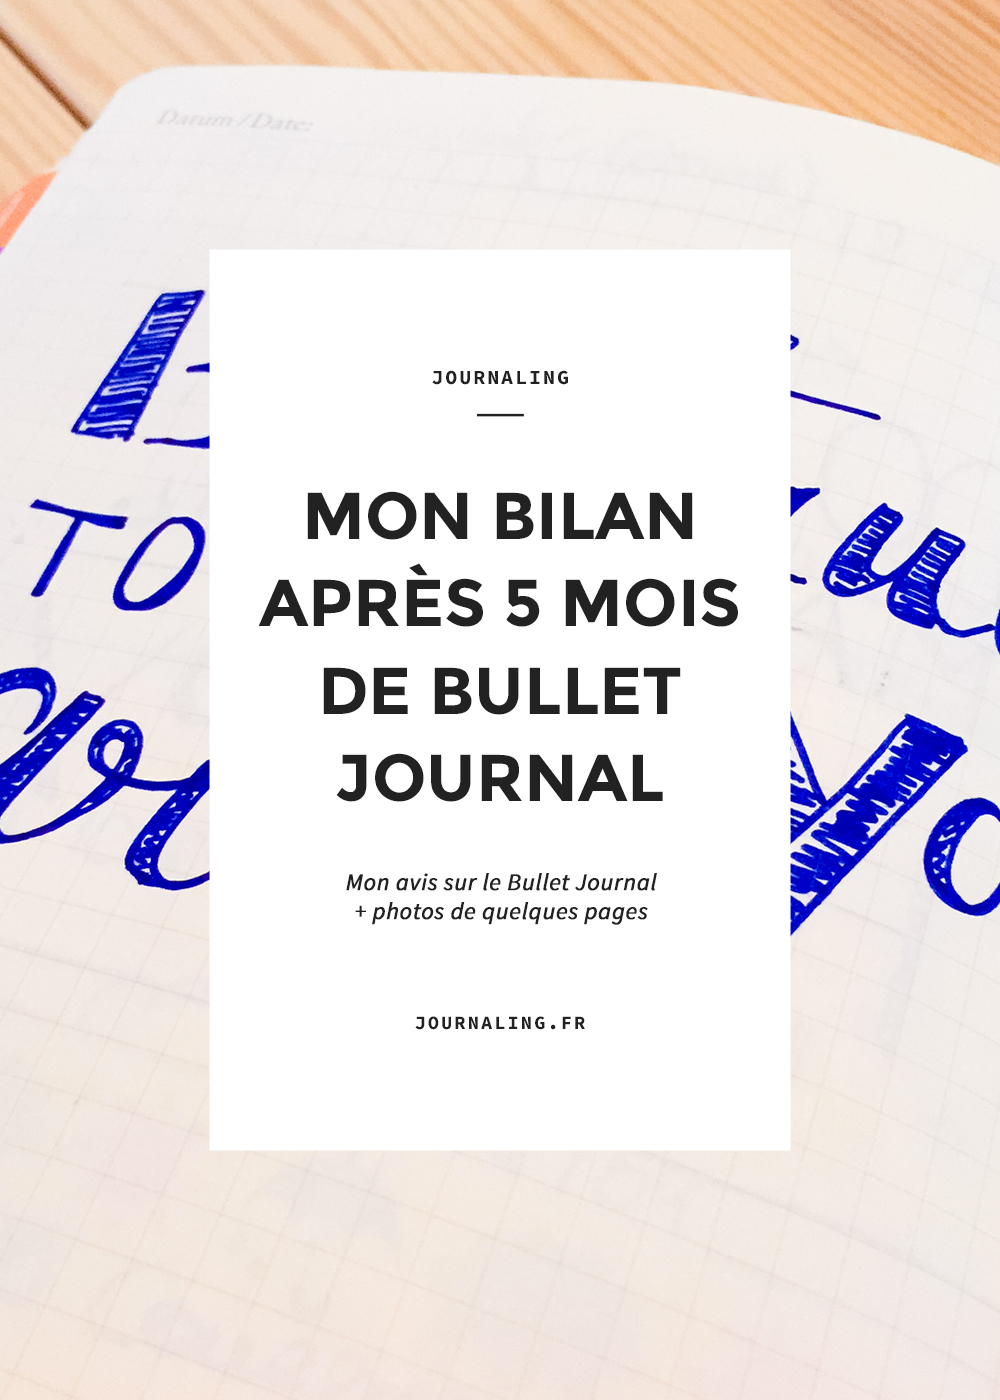 5 mois de Bullet Journal: mon bilan